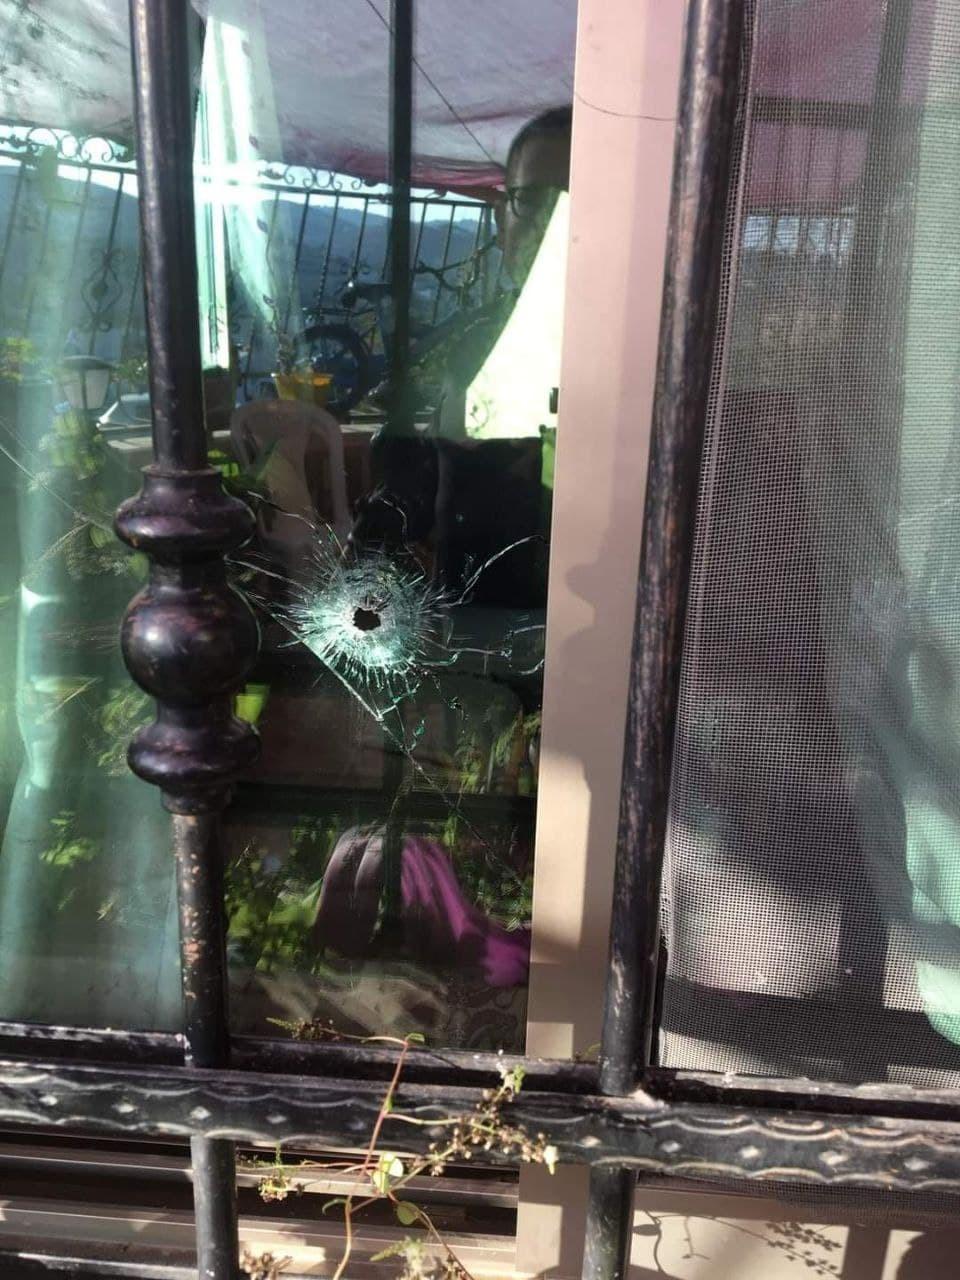 مسلحون يطلقون النار صوب منزل ضابط متهم بقتل نزار بنات في دورا